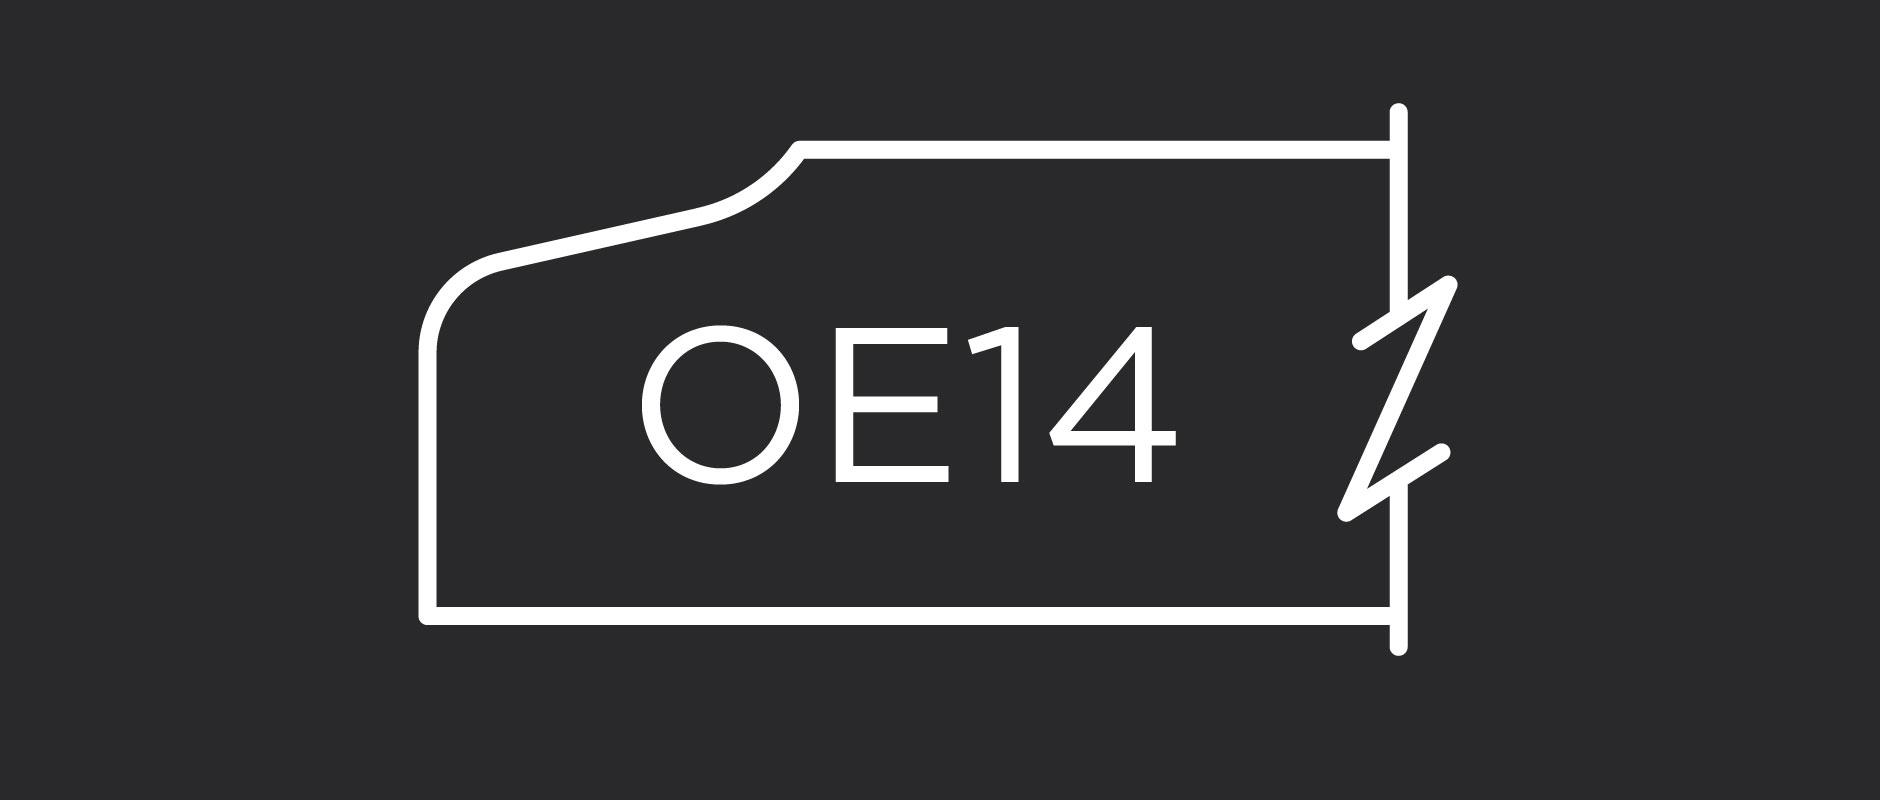 OE14 outside edge profile